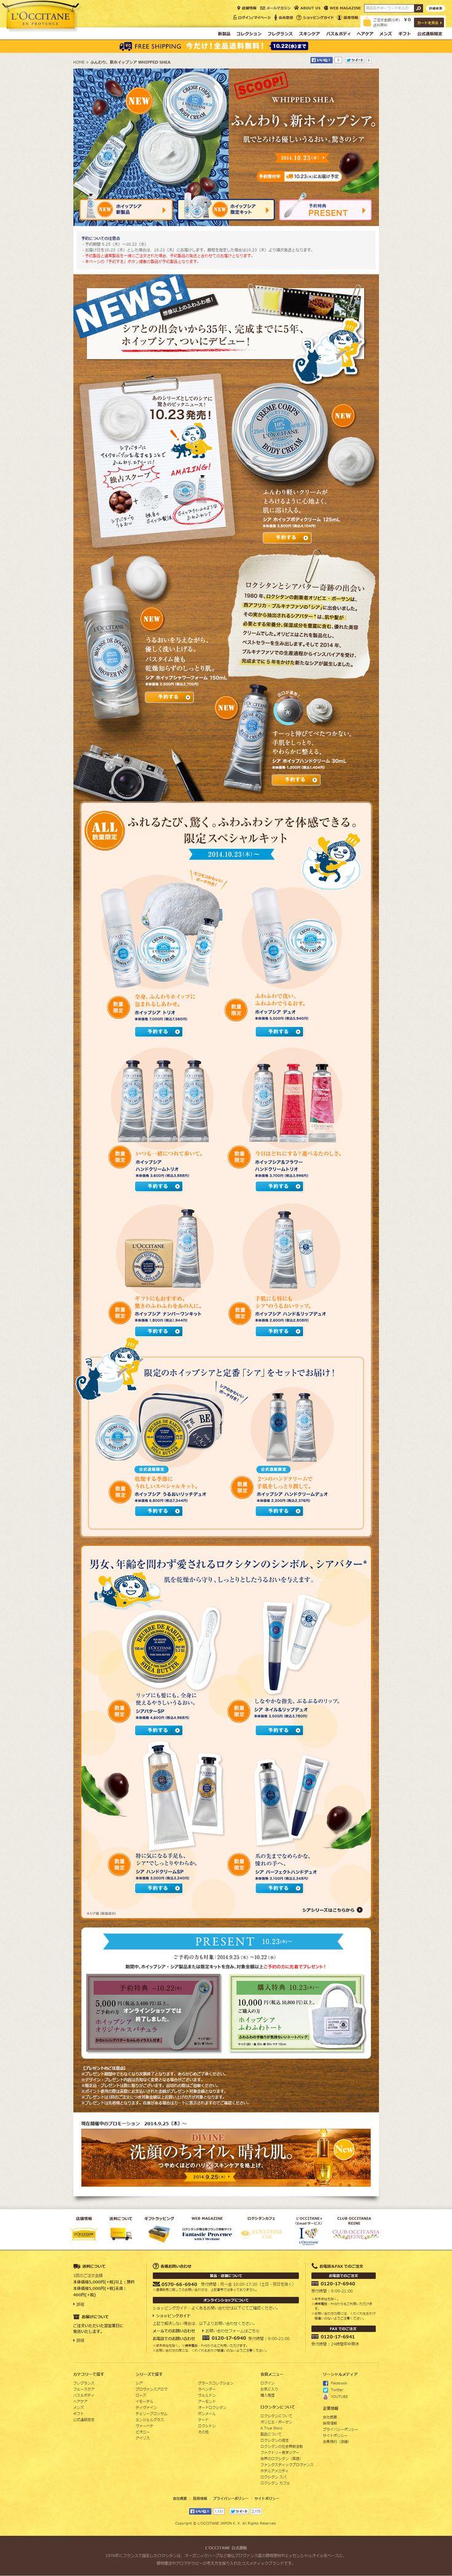 ふんわり、新ホイップシア WHIPPED SHEA   L'OCCITANE EN PROVENCE http://www.loccitane.co.jp/jp/next_shea_0925/